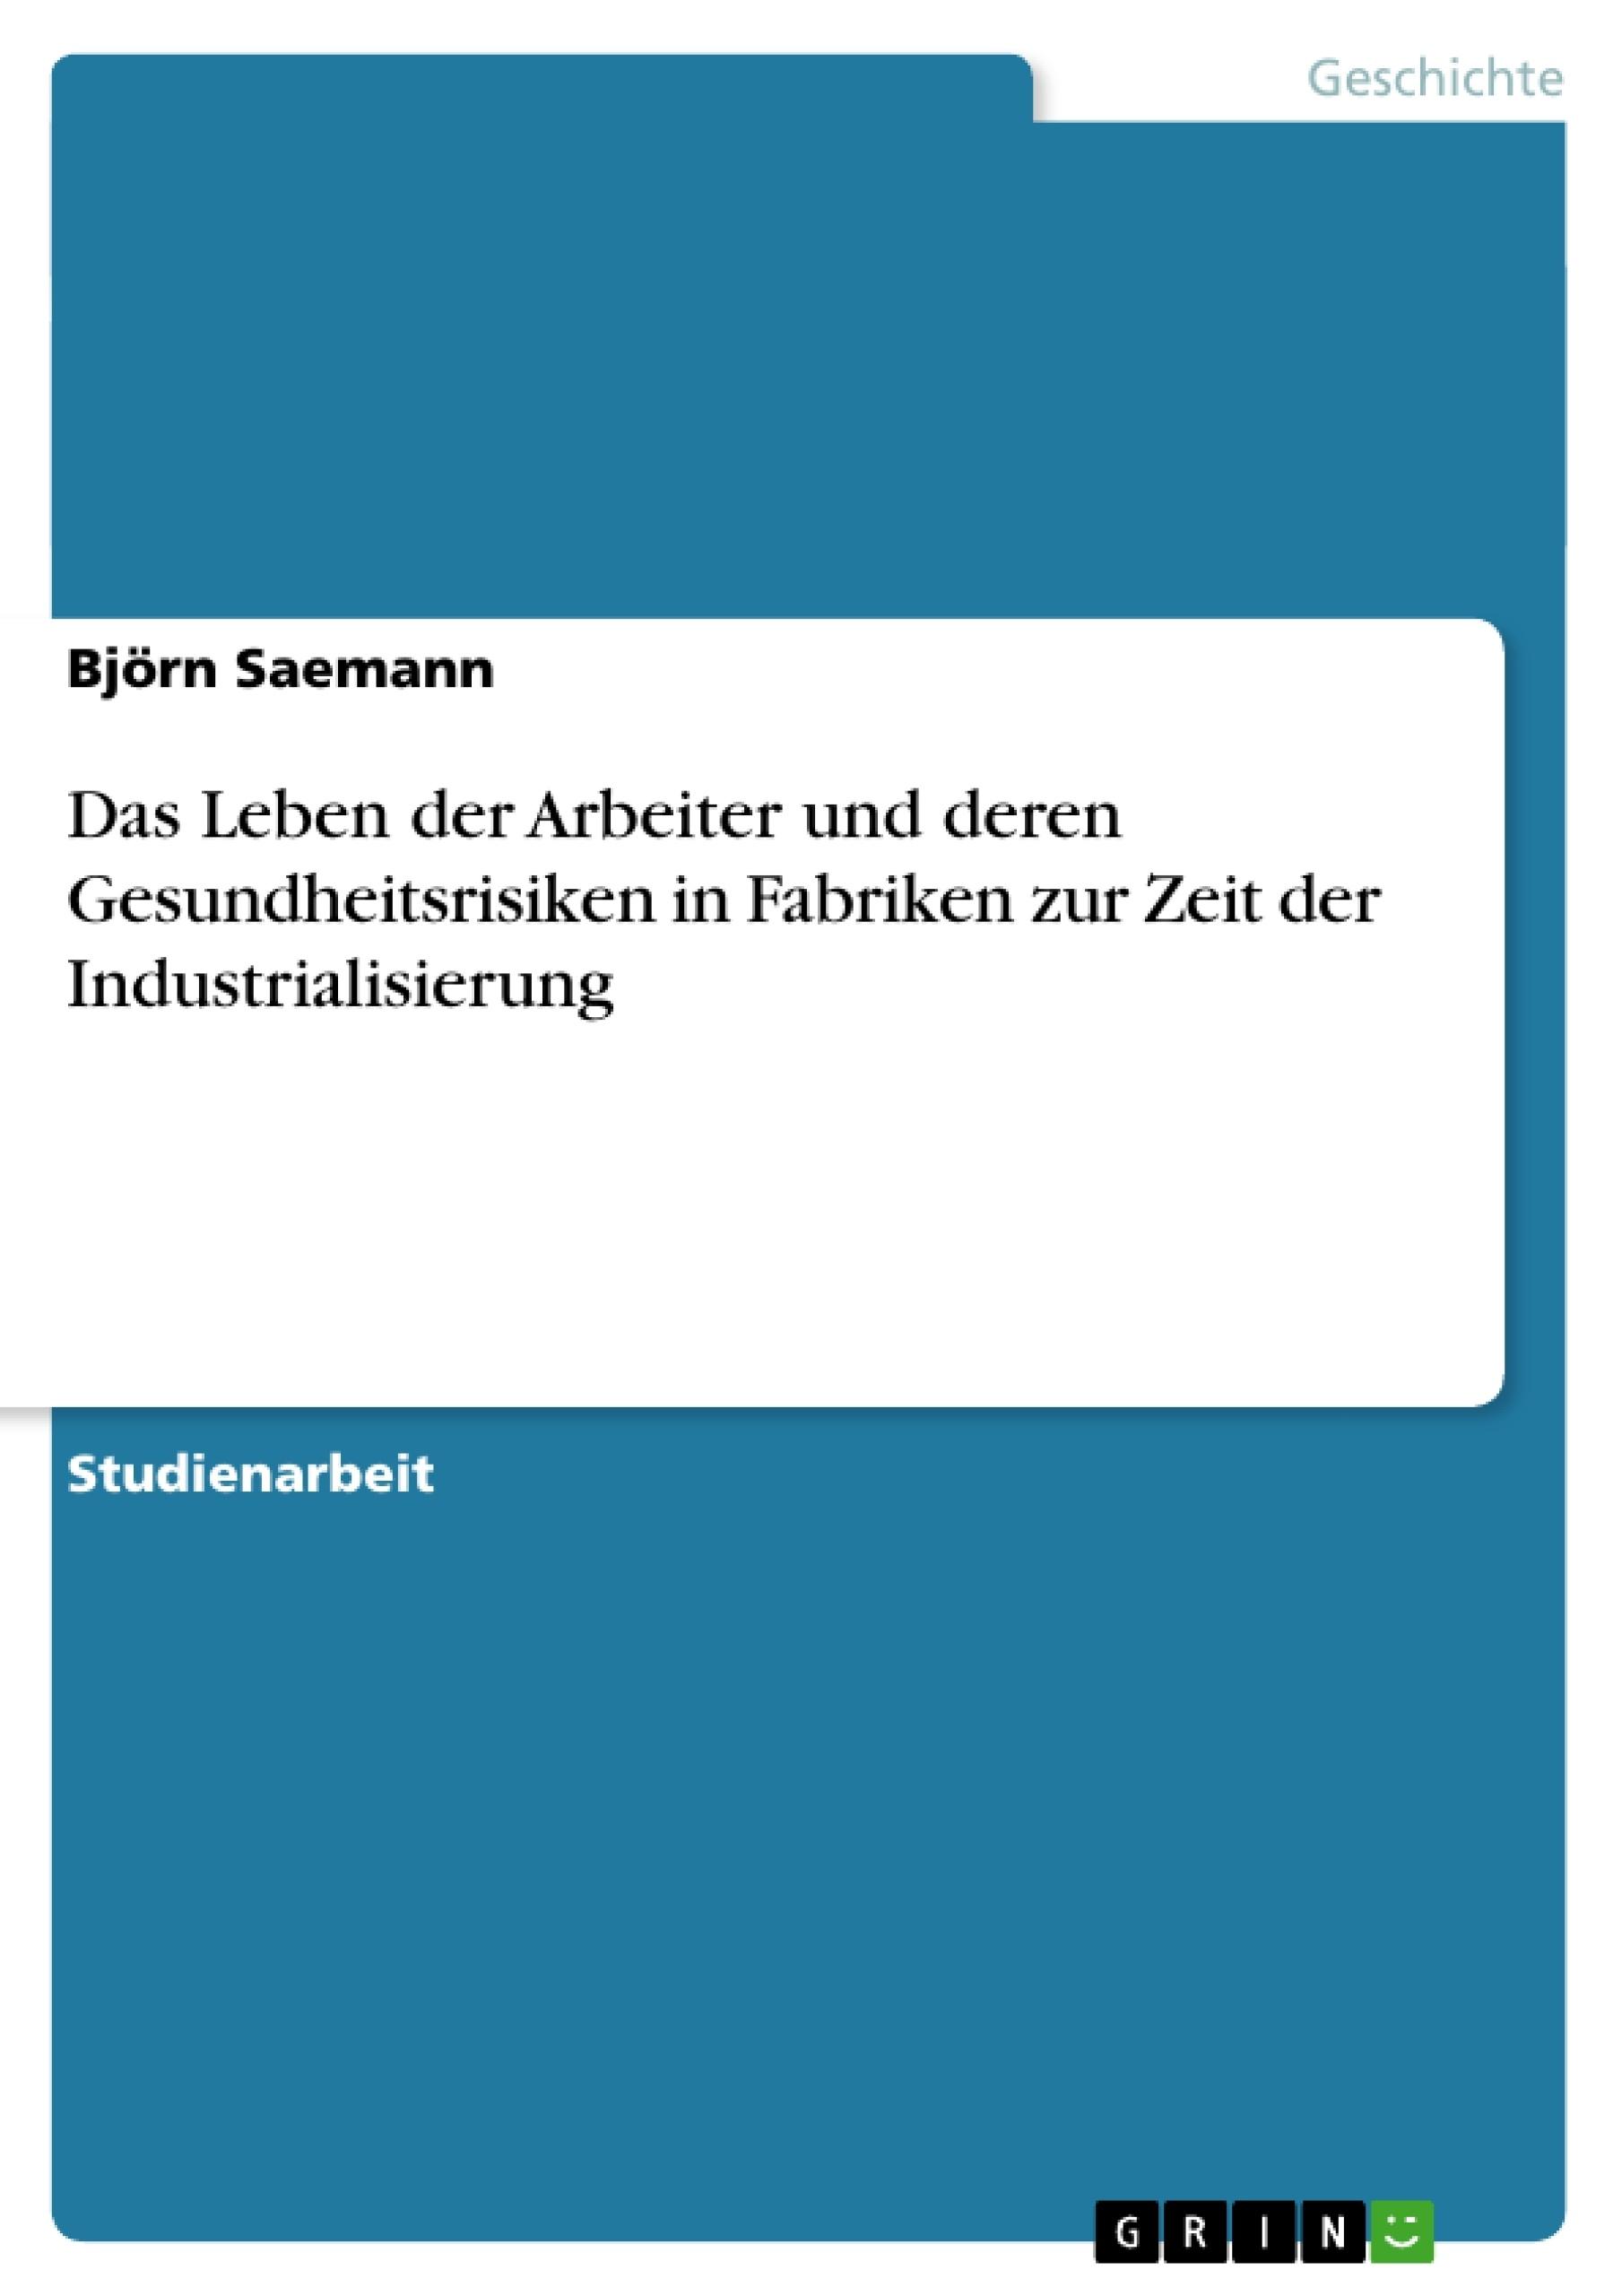 Titel: Das Leben der Arbeiter und deren Gesundheitsrisiken in Fabriken zur Zeit der Industrialisierung